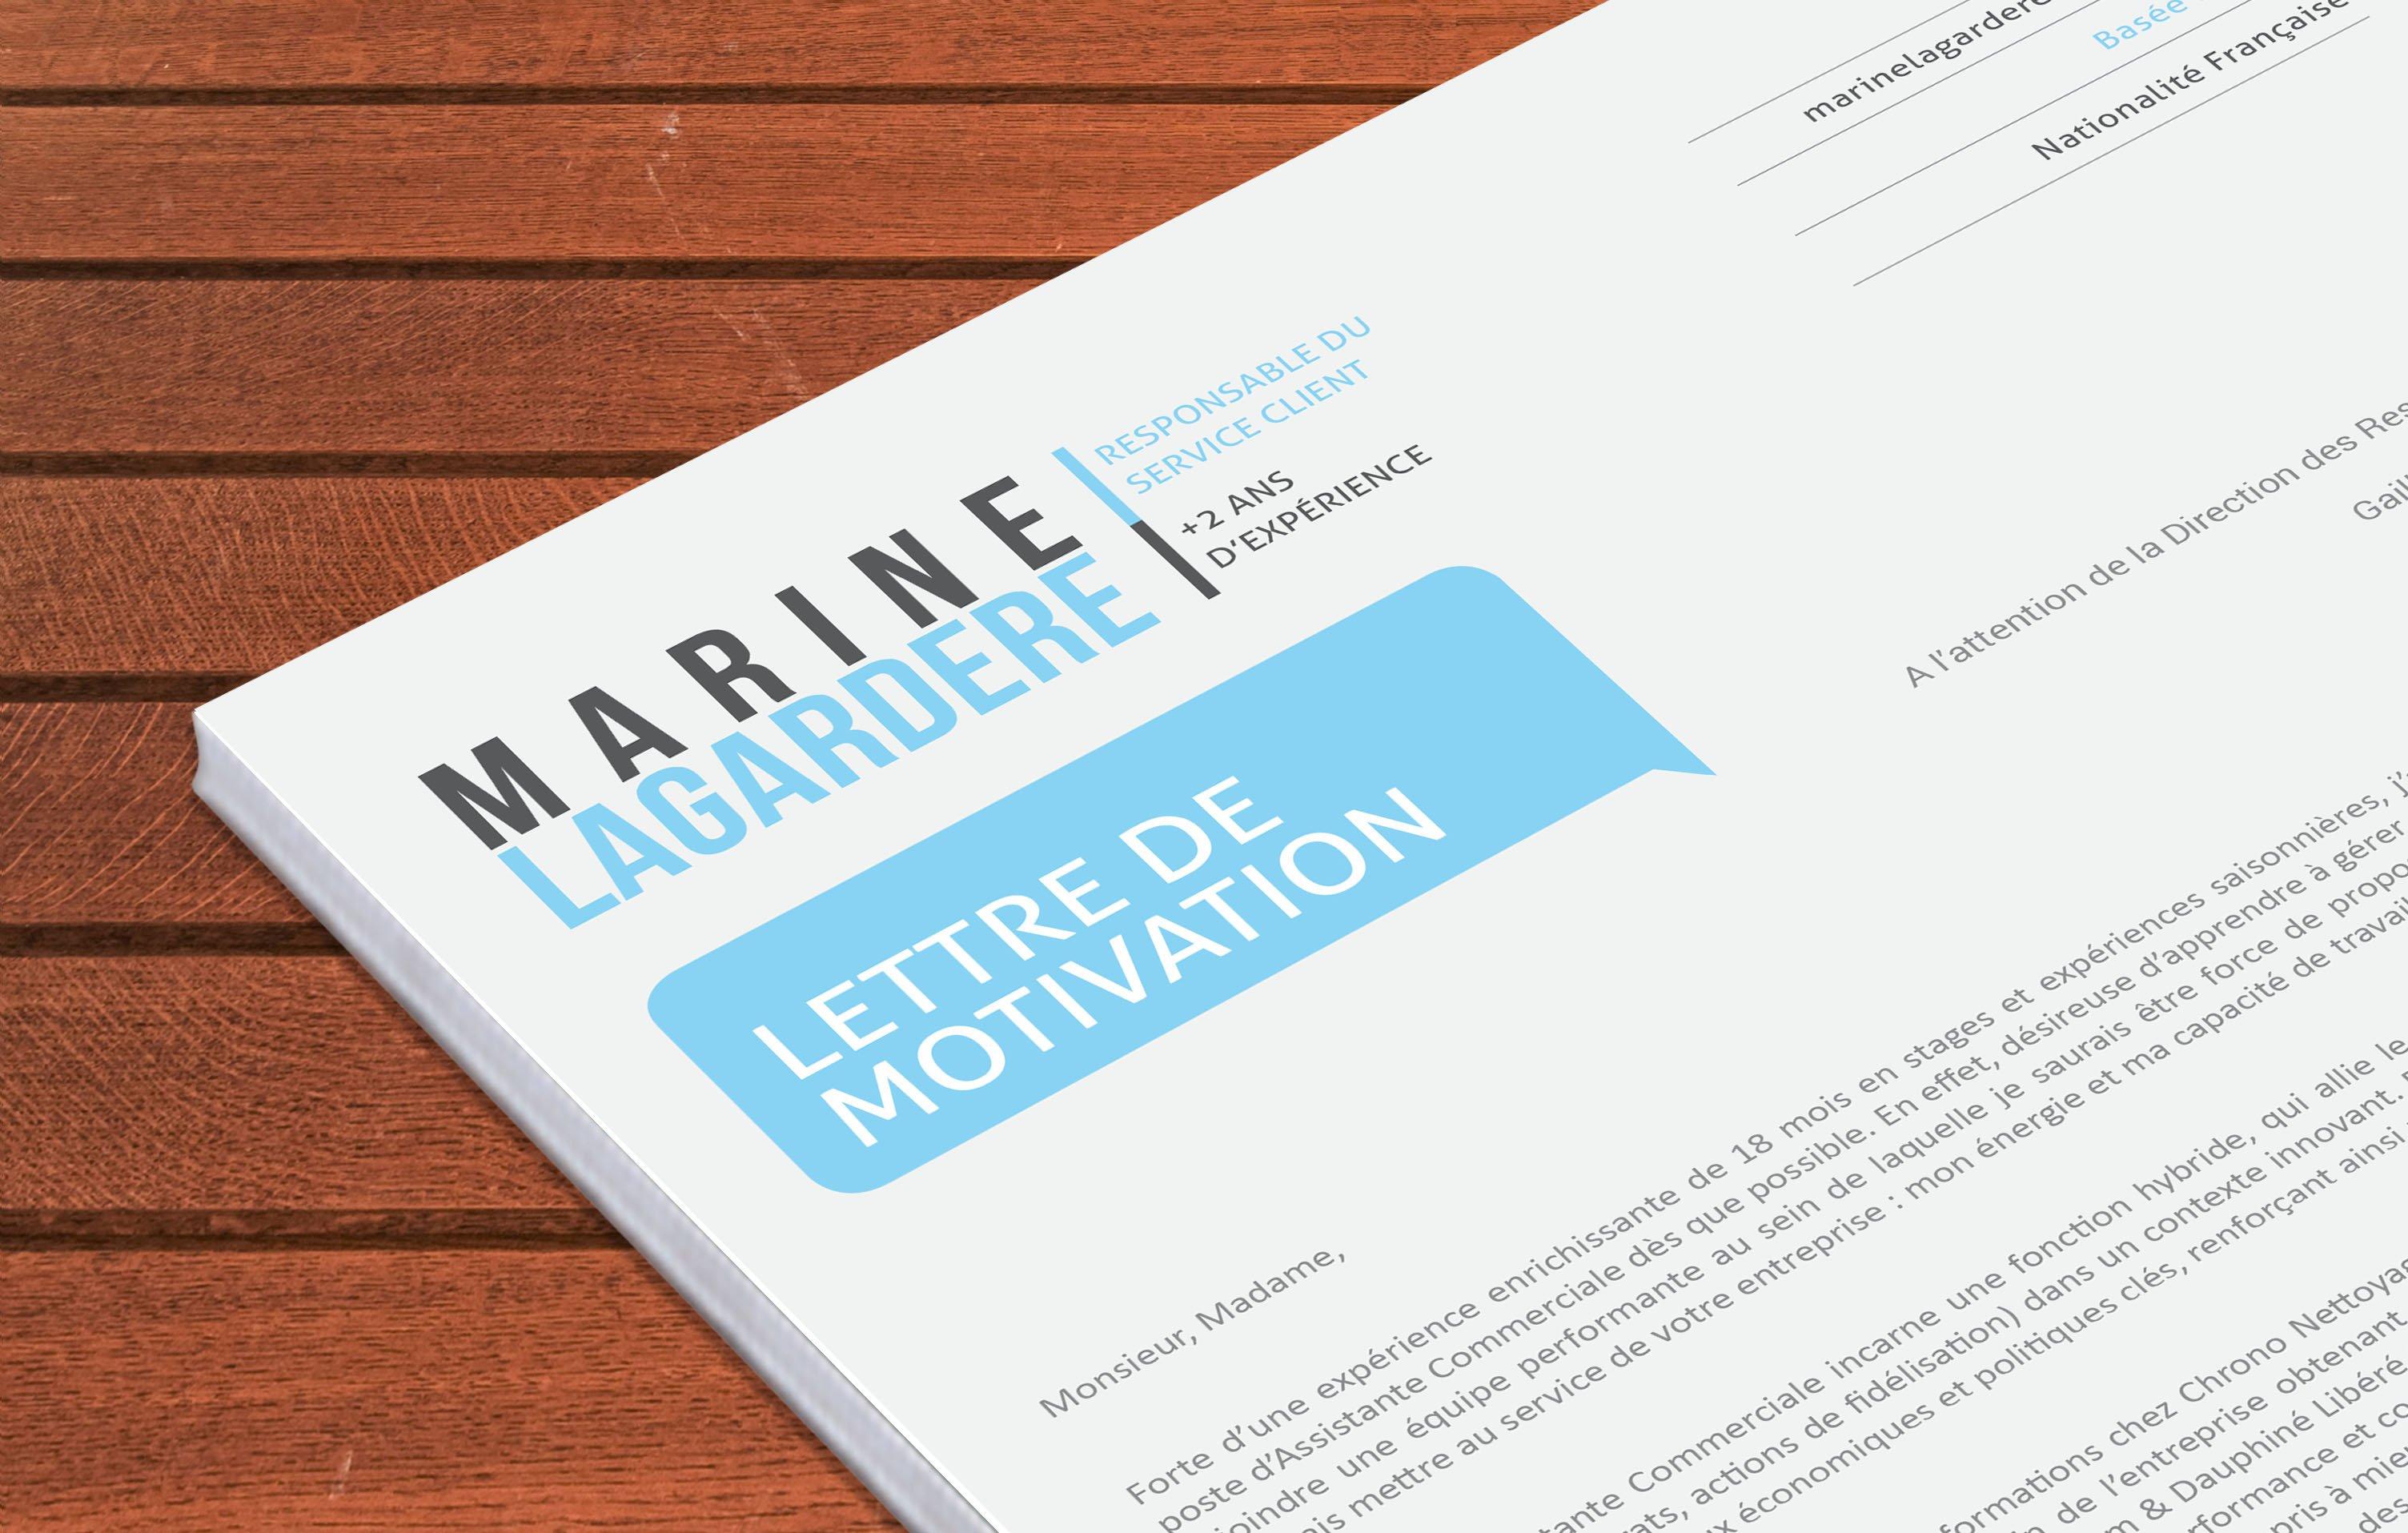 mycvfactory-cover-letter-la-bleu-ciel-1_UsgU3d0.jpg